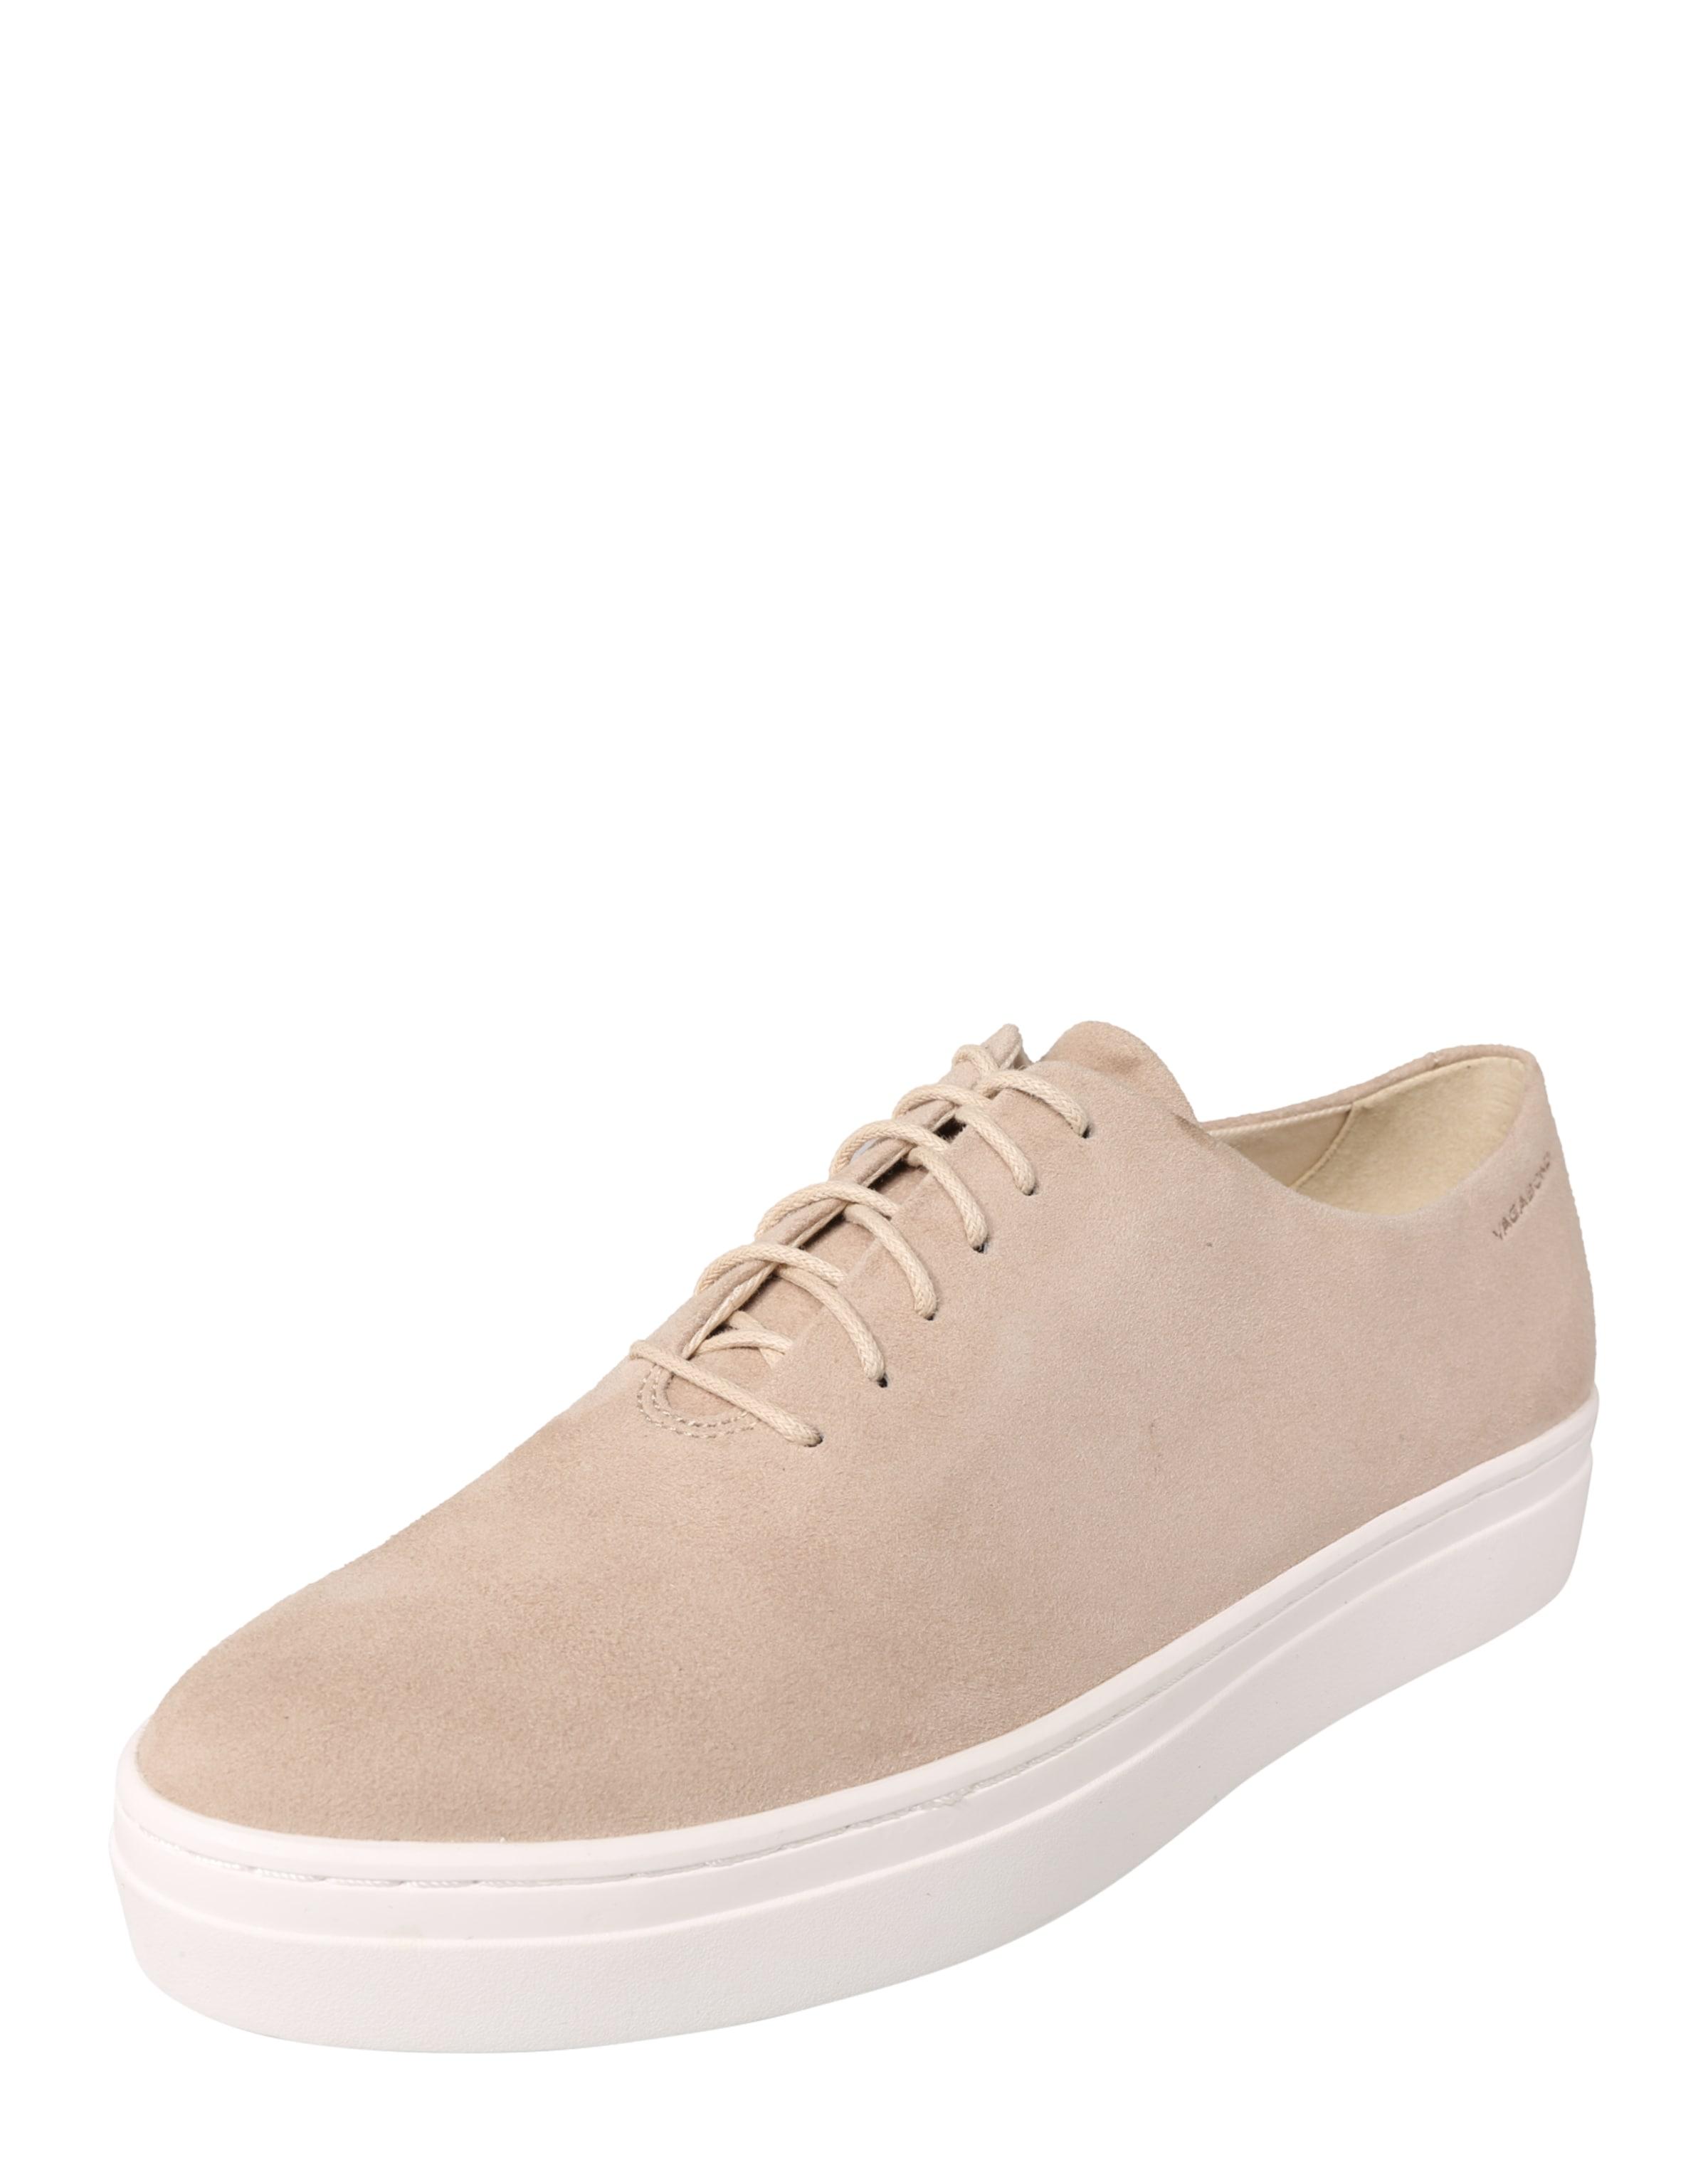 Haltbare Mode billige Schuhe VAGABOND SHOEMAKERS | Schnürschuh 'Camille' 'Camille' 'Camille' Schuhe Gut getragene Schuhe ab198f